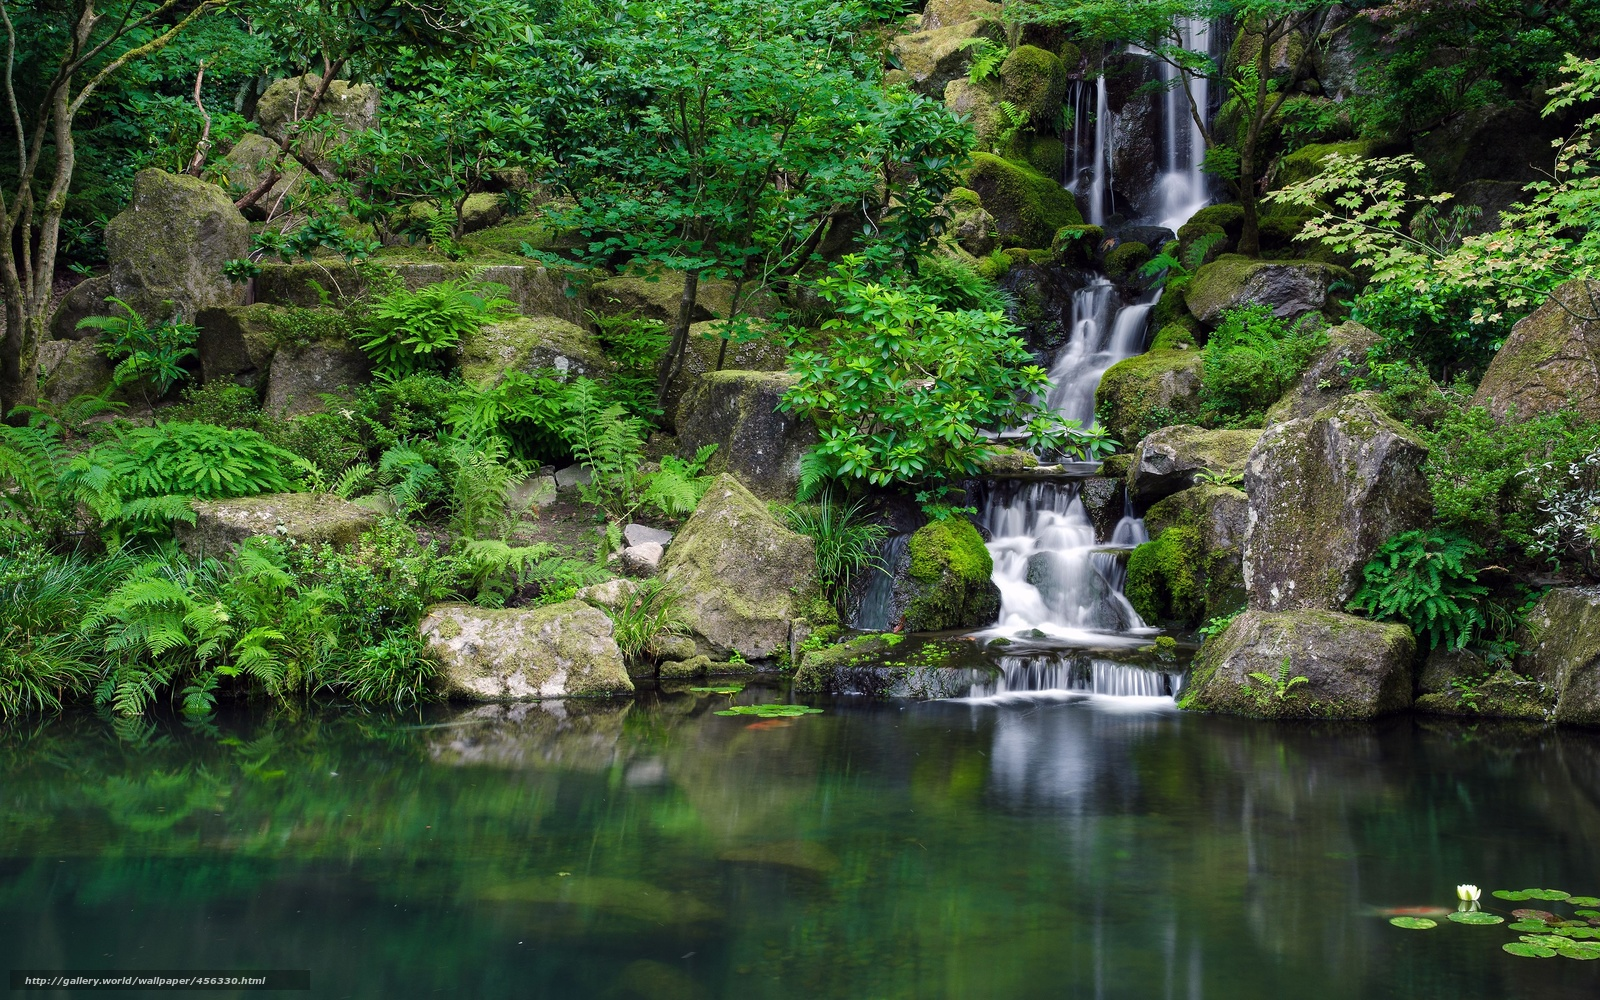 Tapete teich wasserfall park steine japanischer garten for Steine teich